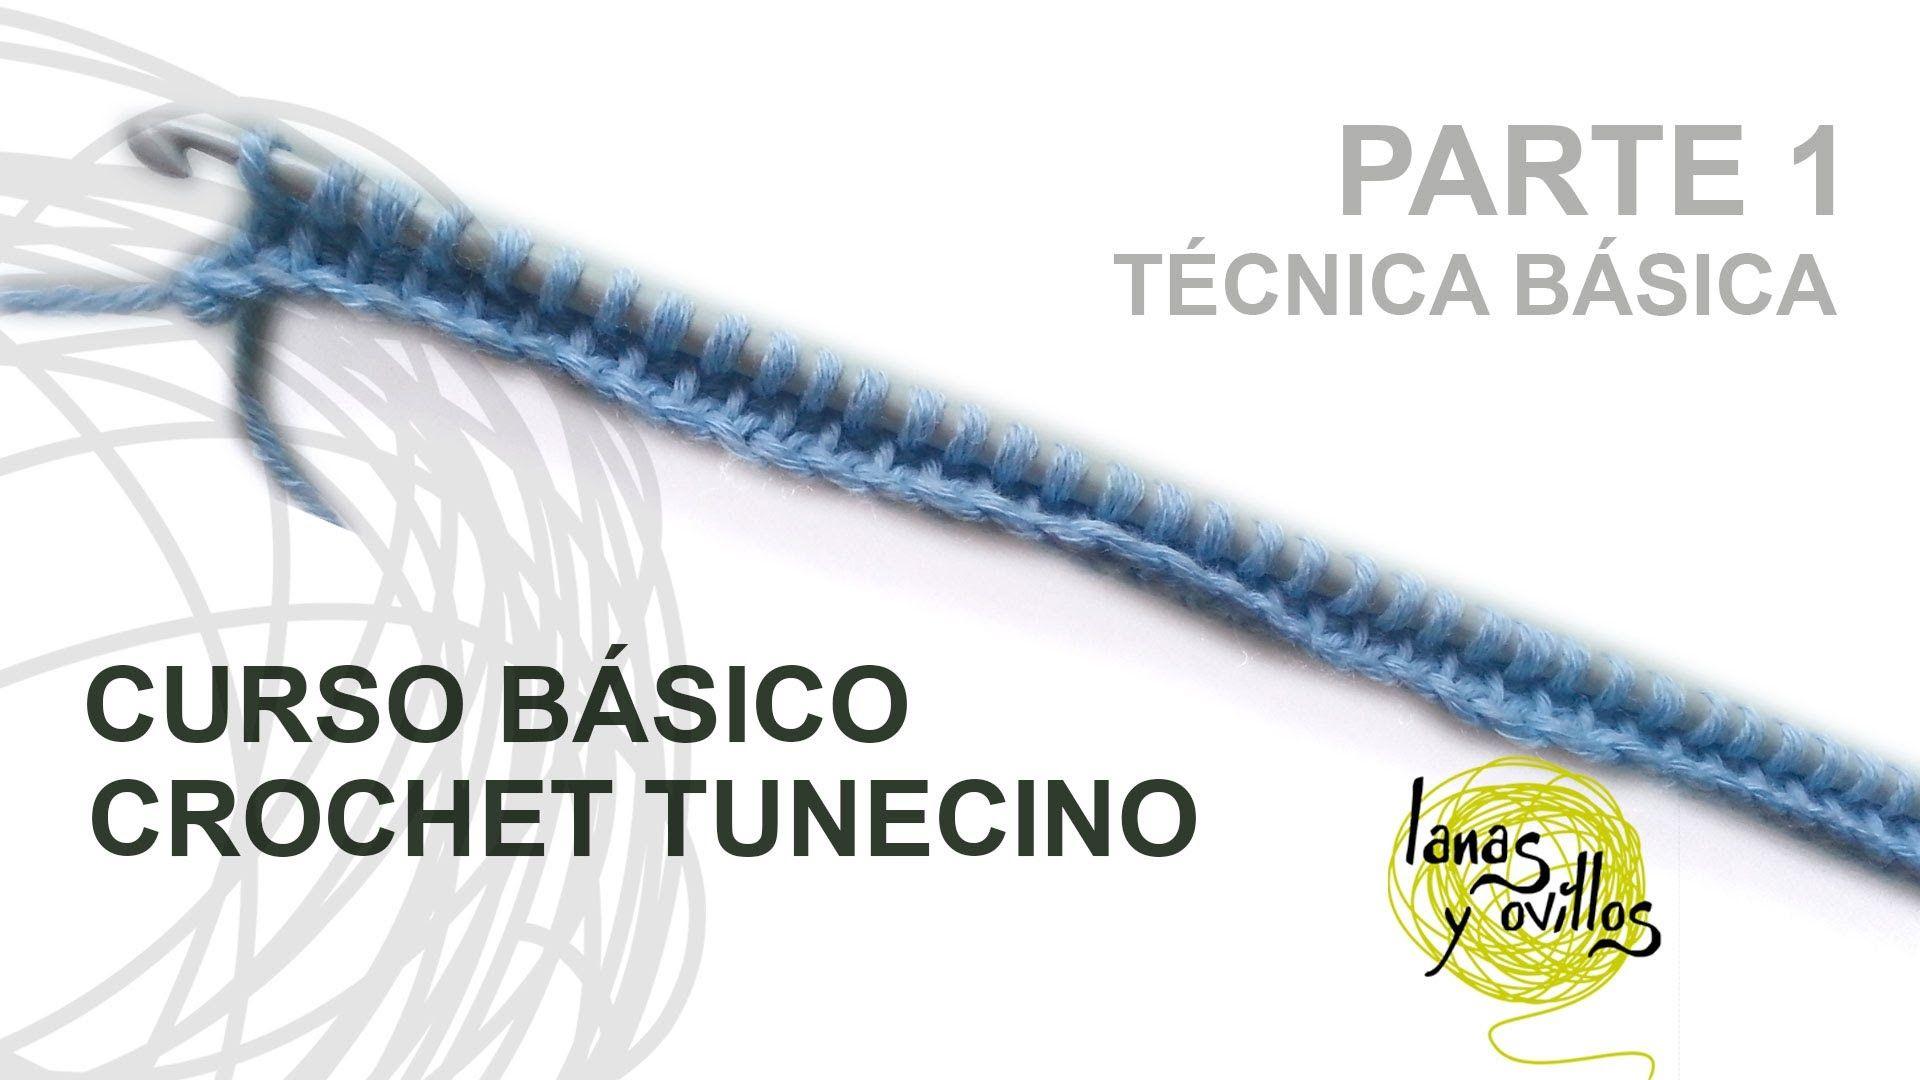 Curso Básico Crochet o Ganchillo Tunecino: Parte 1 Técnica Básica ...